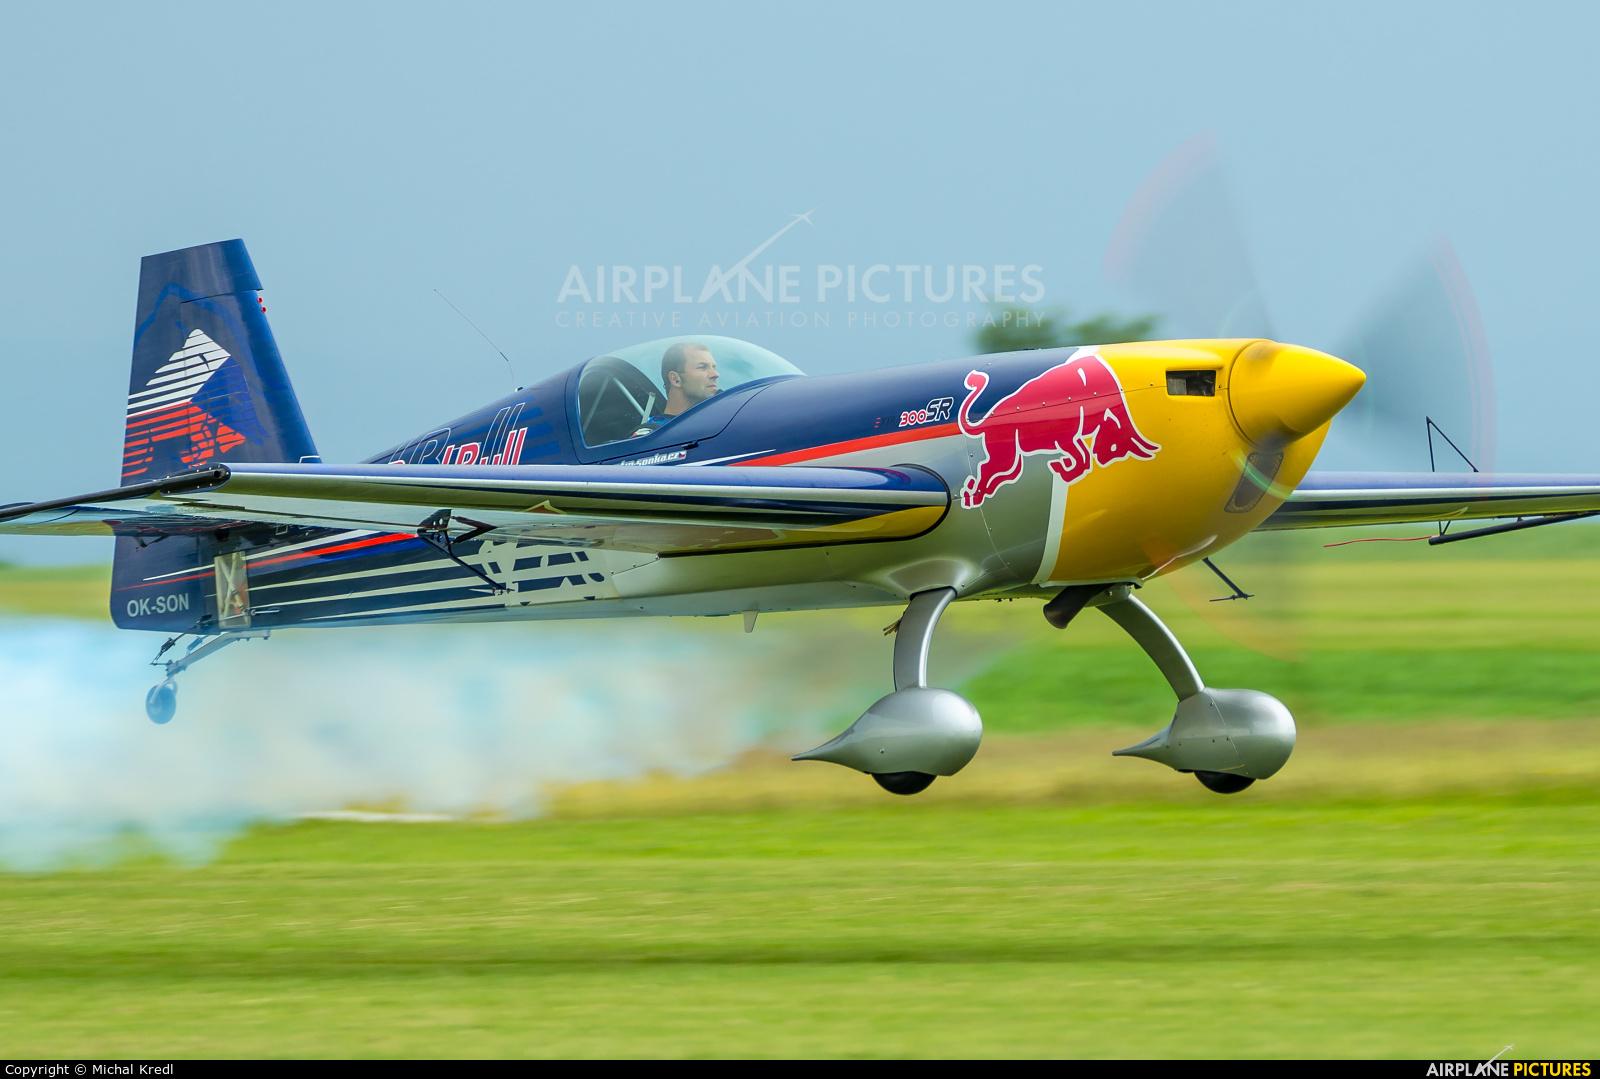 The Flying Bulls OK-SON aircraft at Chotěboř